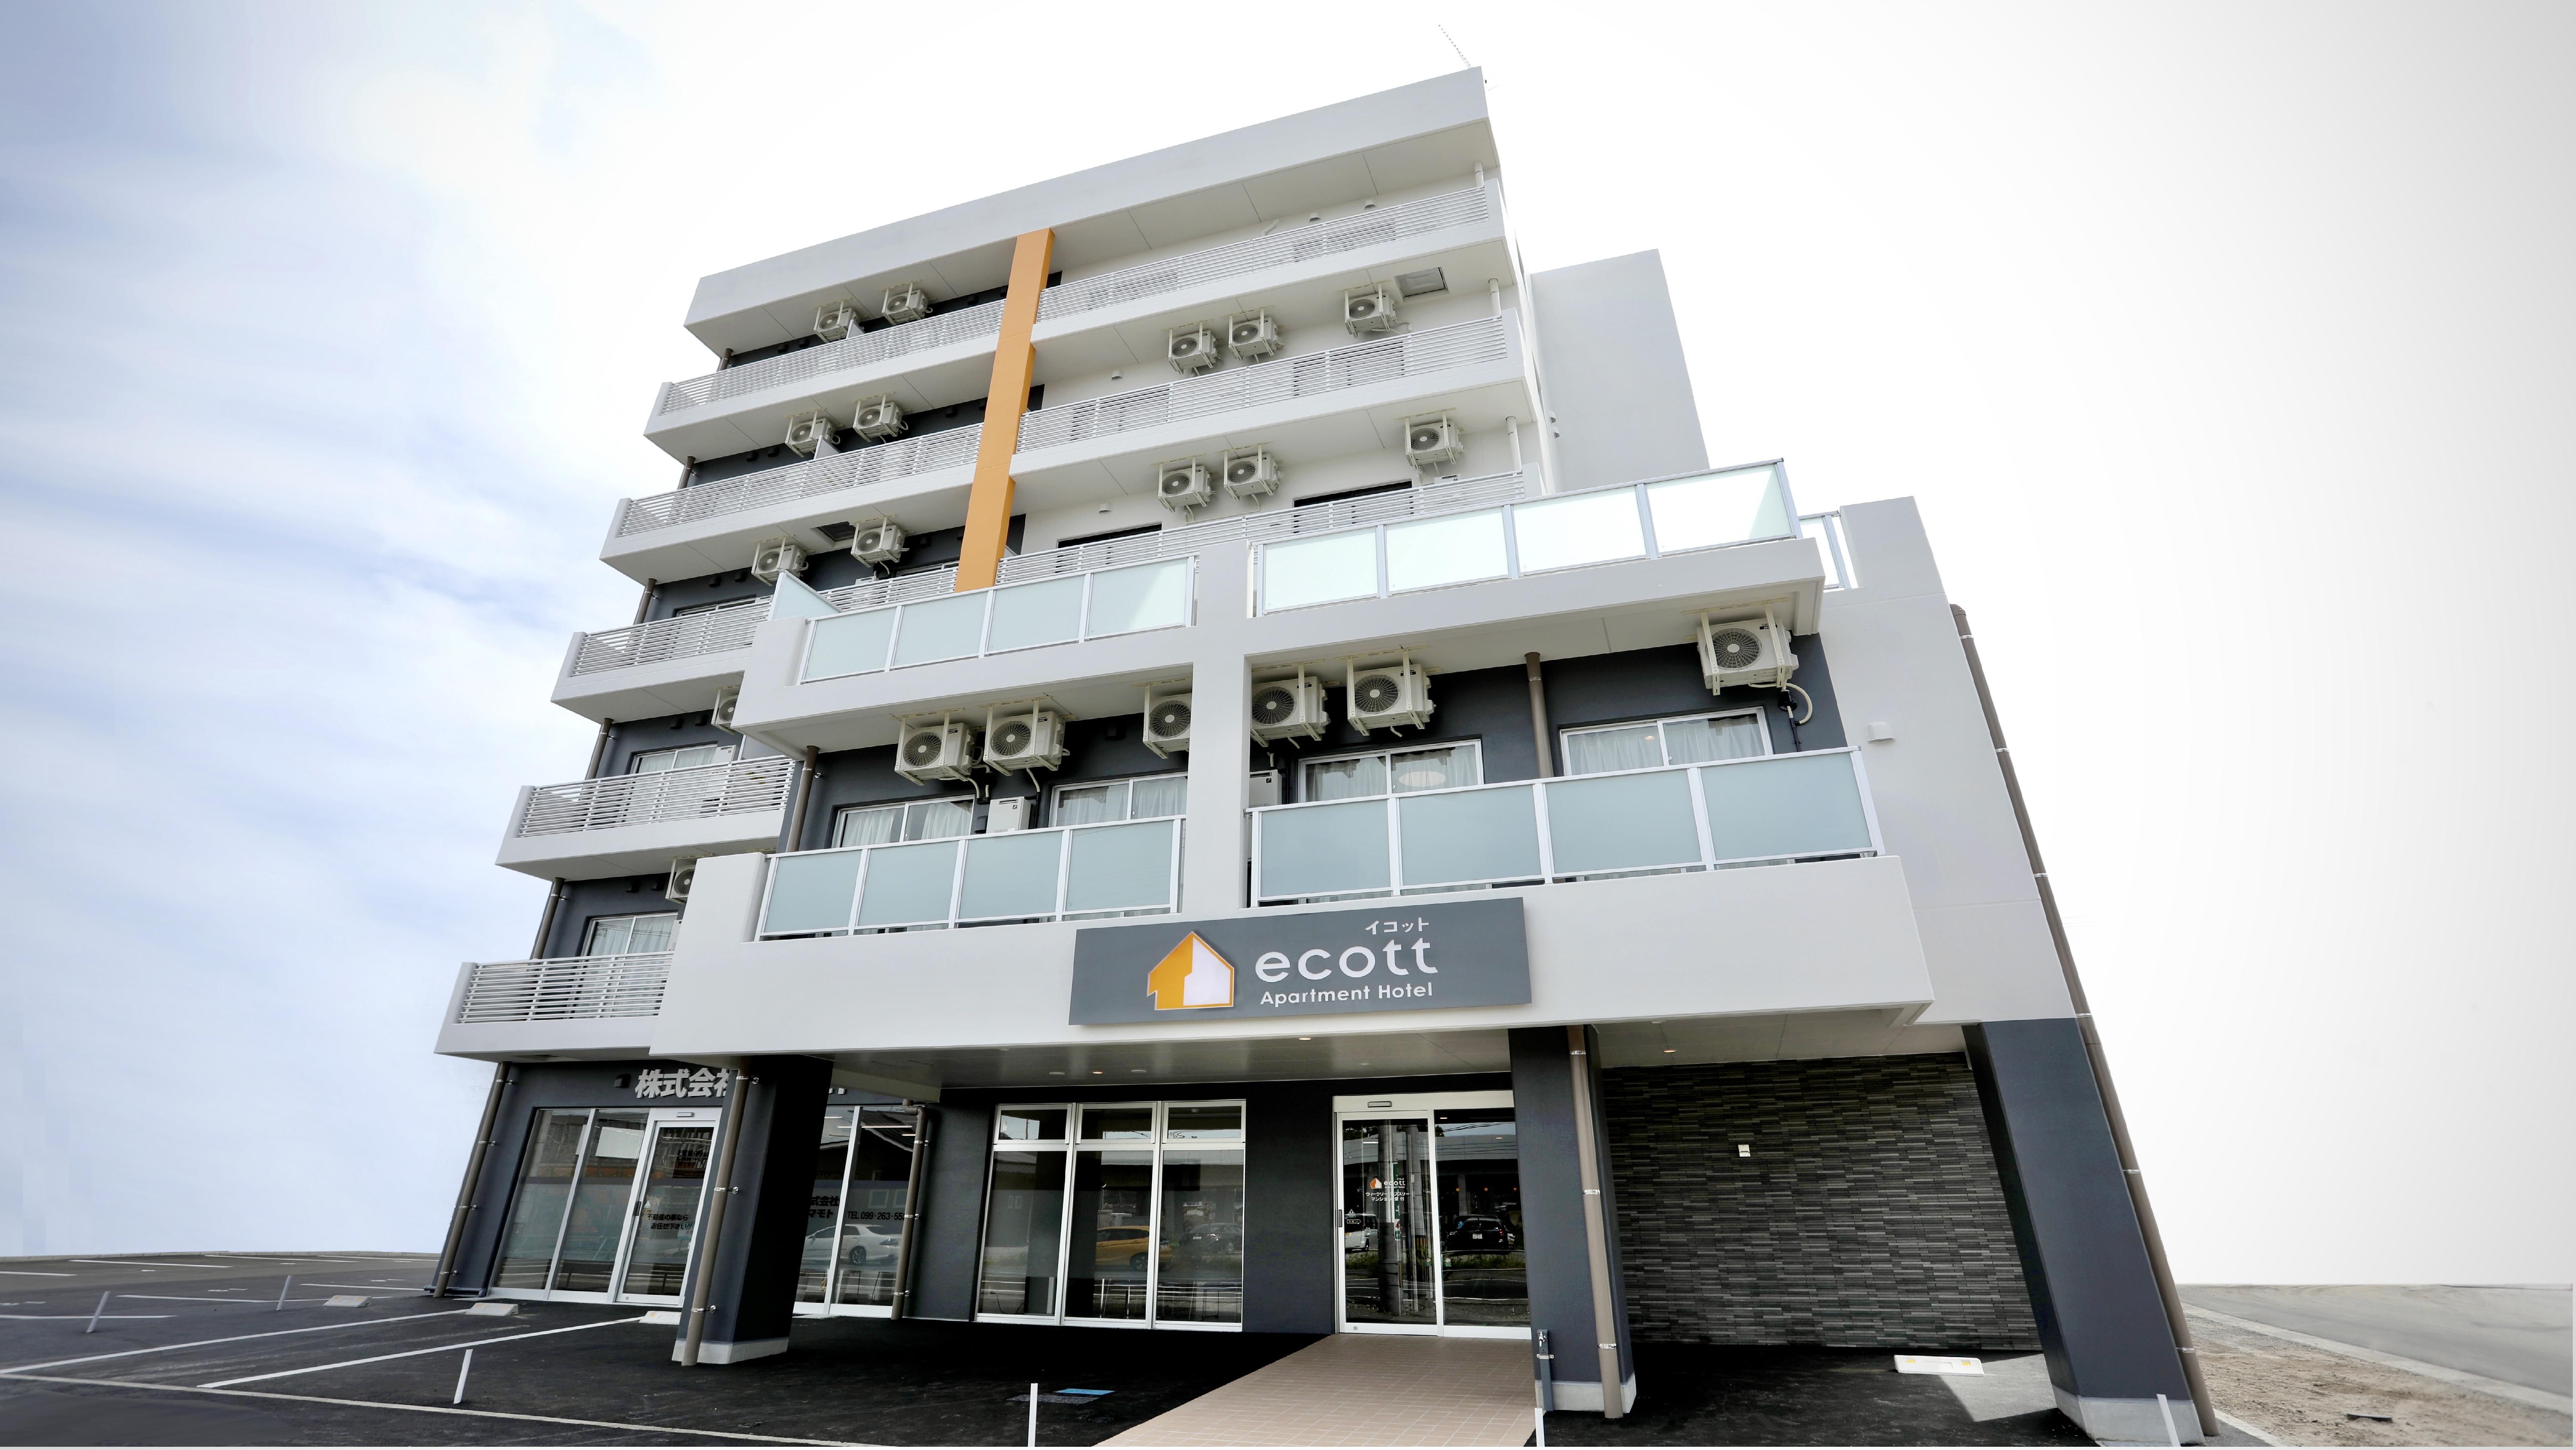 アパートメントホテル ecottの施設画像